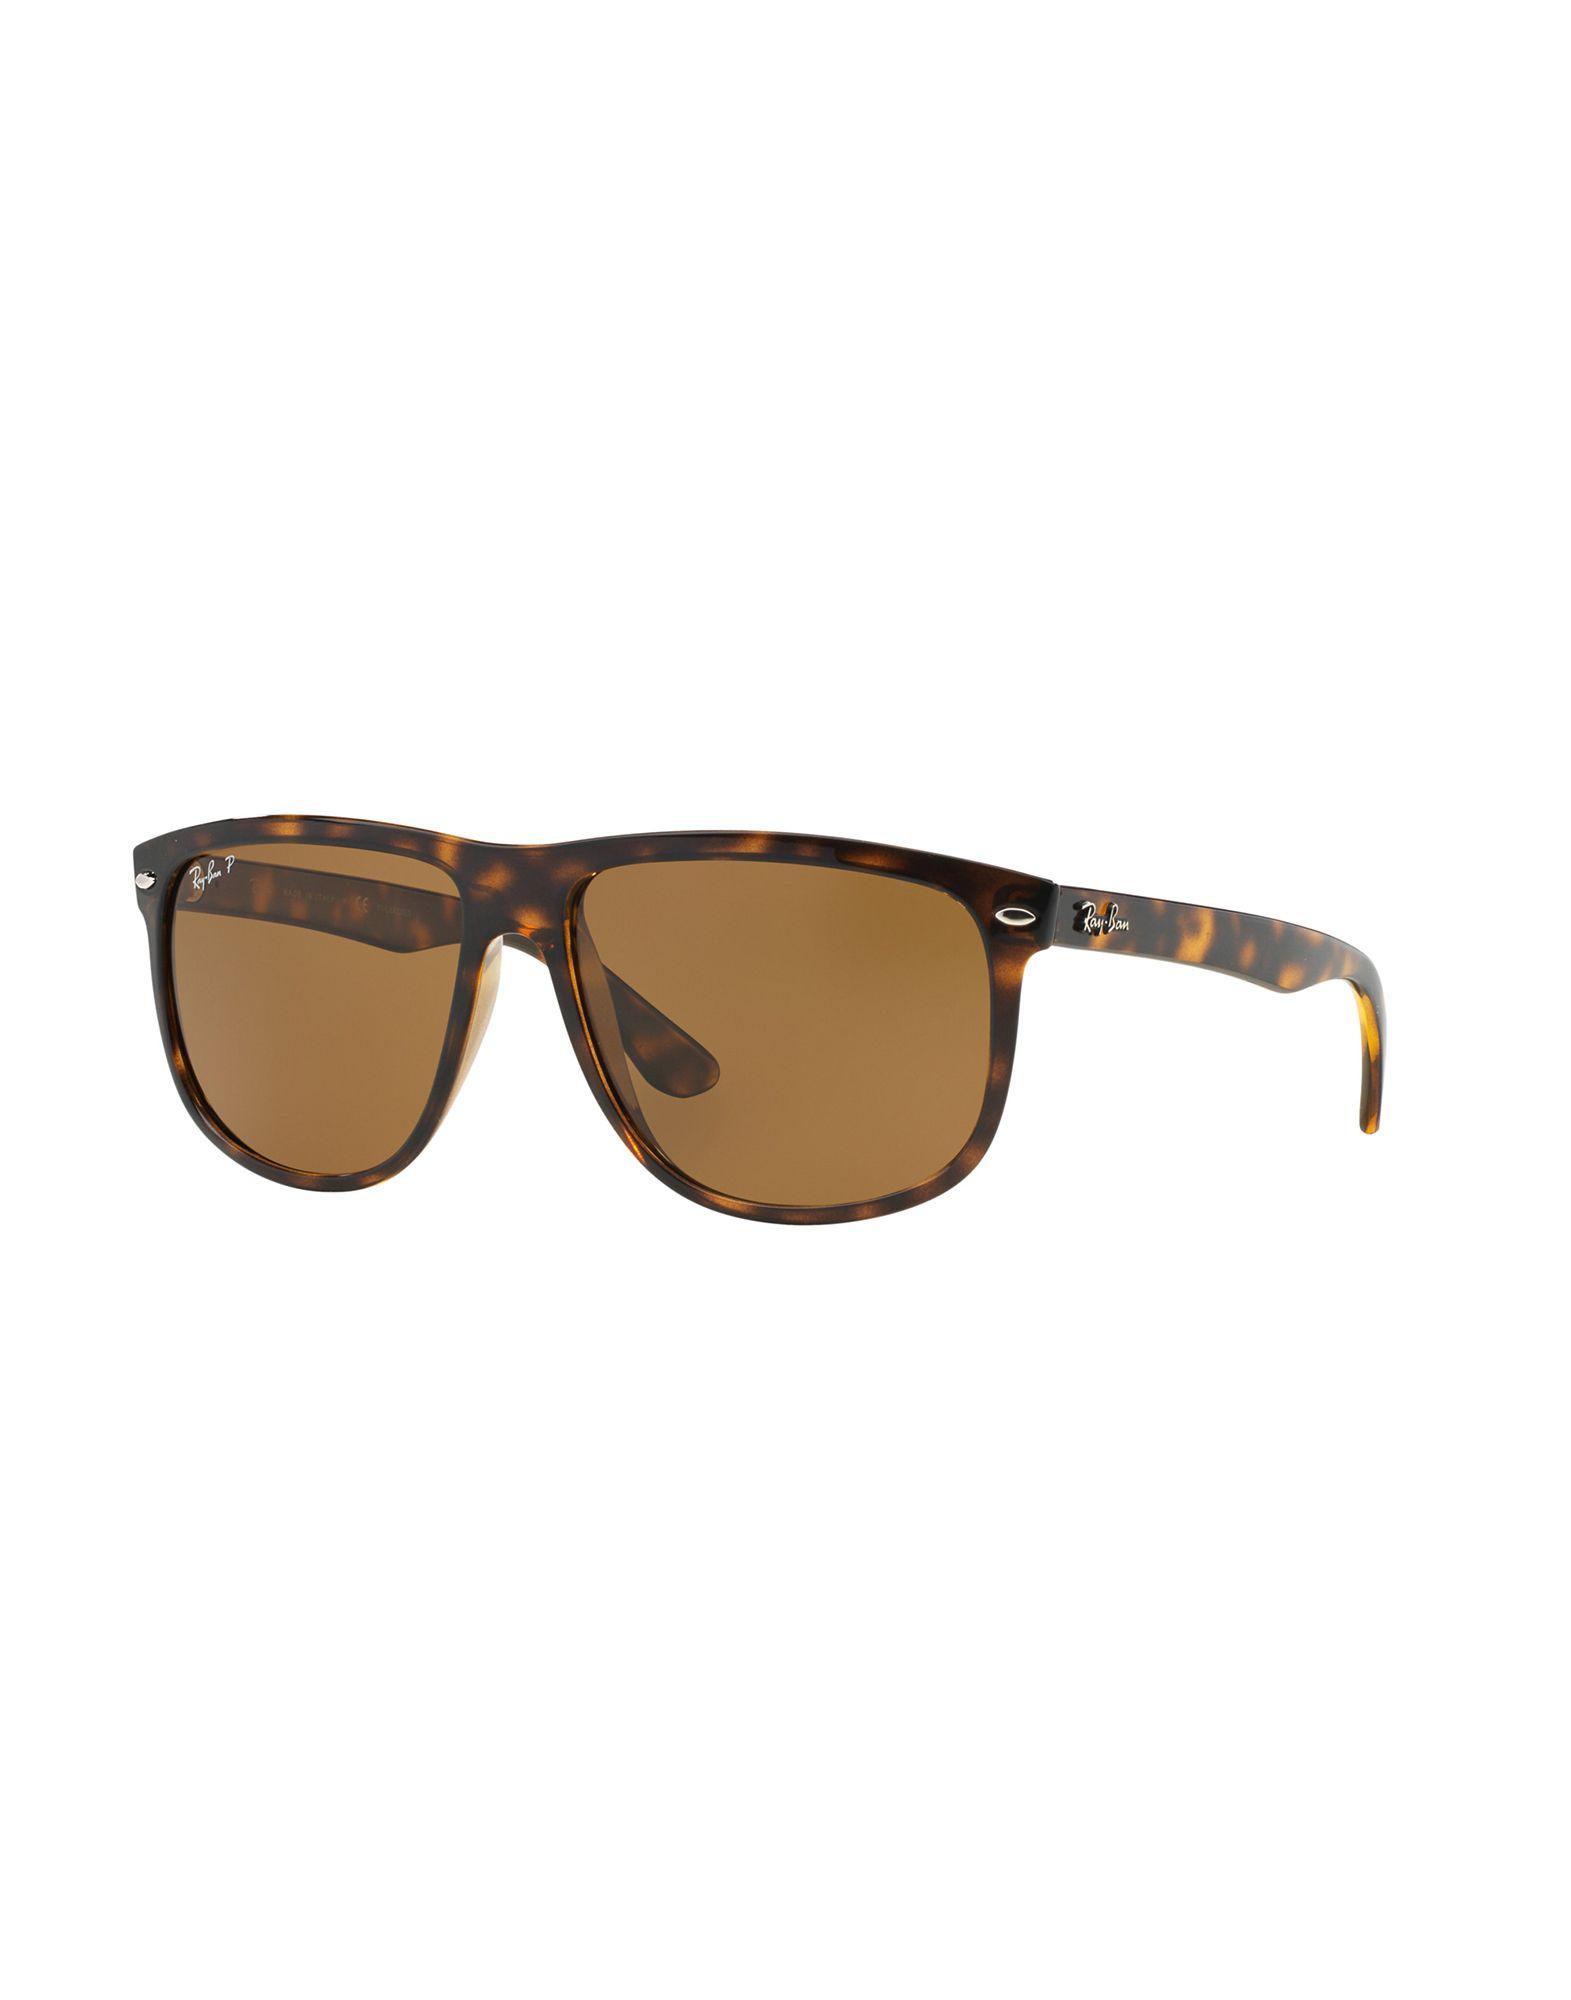 RAY-BAN Солнечные очки очки поляризационные salmo 12